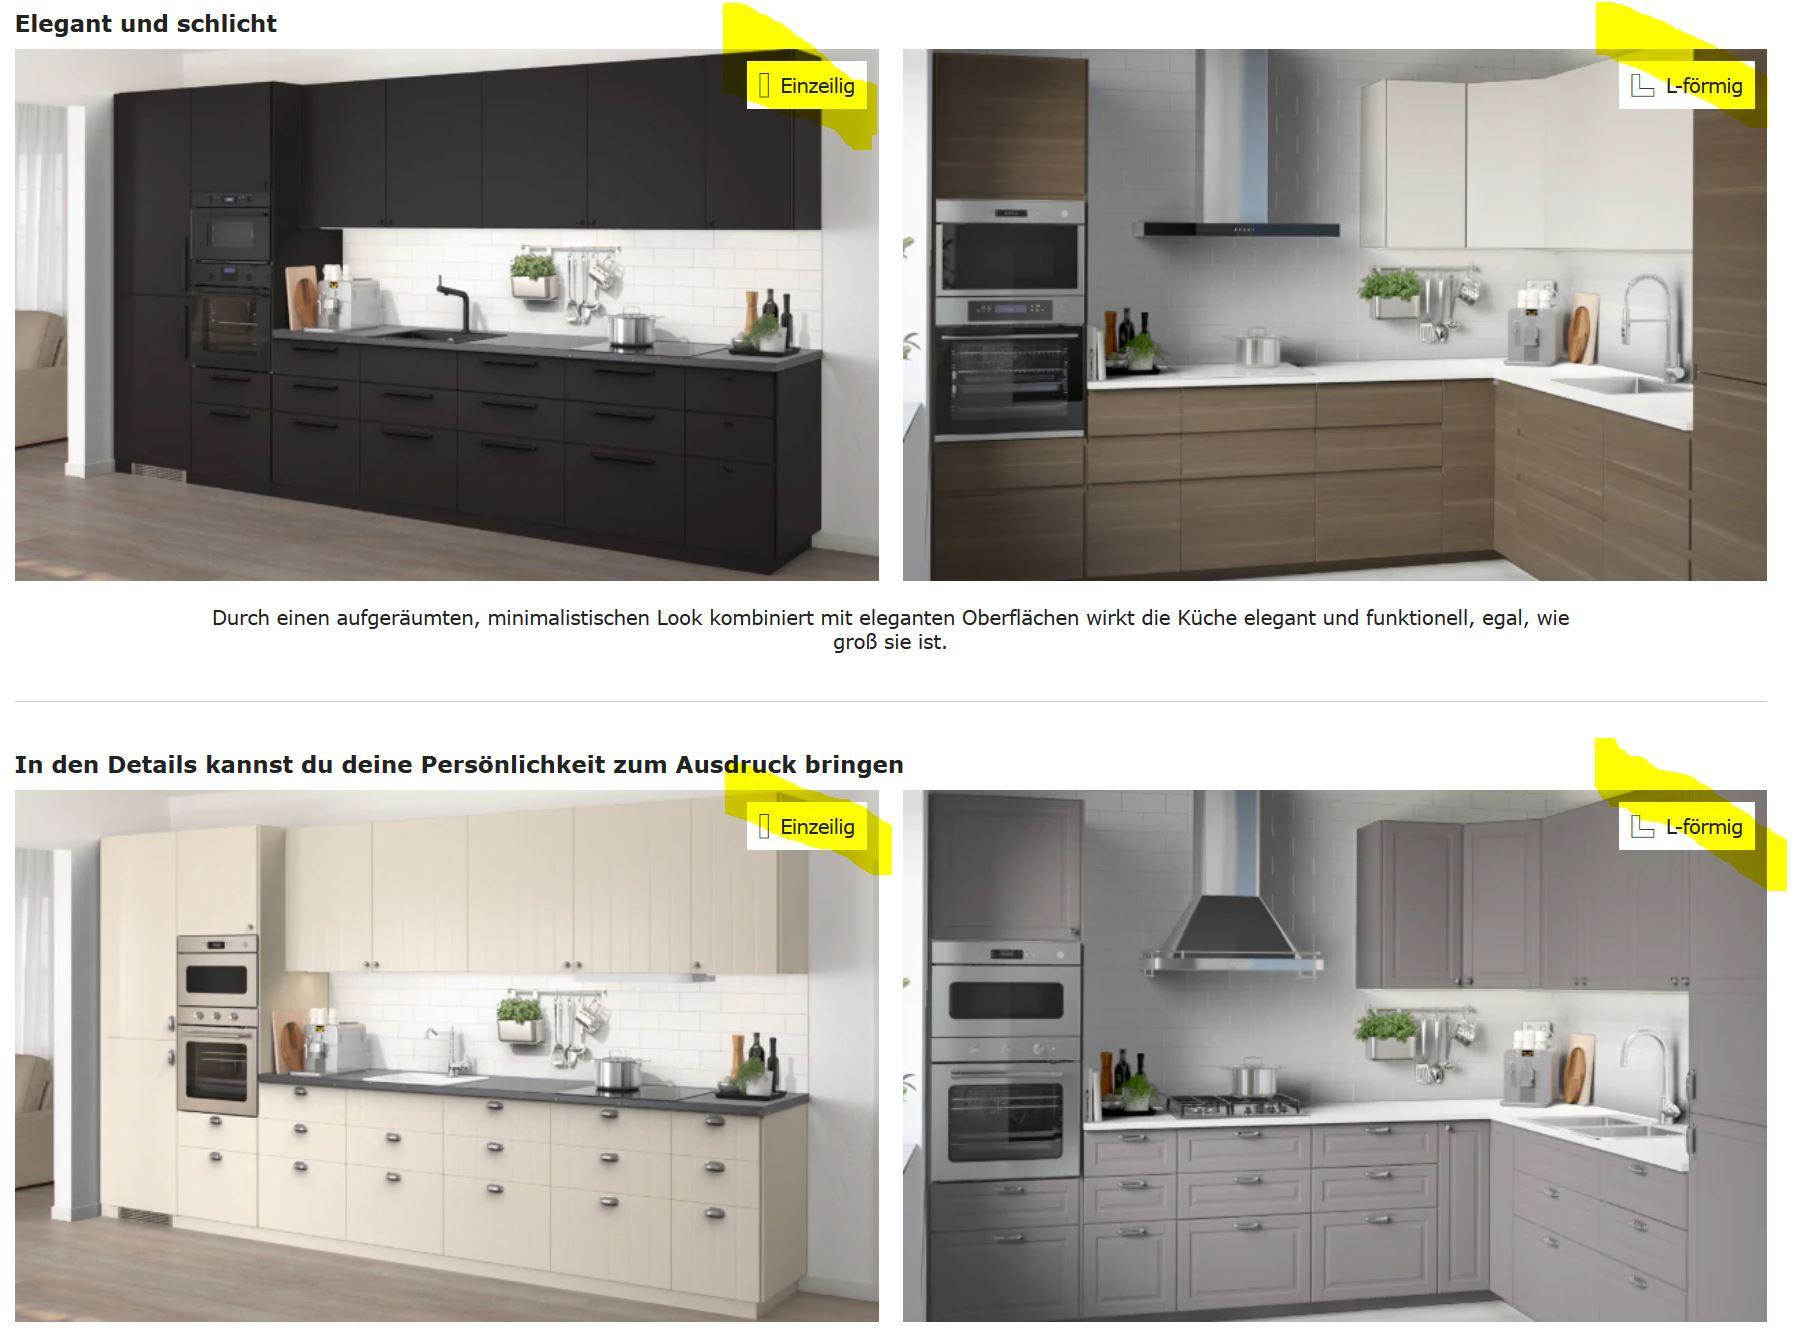 IKEA Küche kaufen - Unsere Erfahrungen: Wie schneiden IKEA Küchen